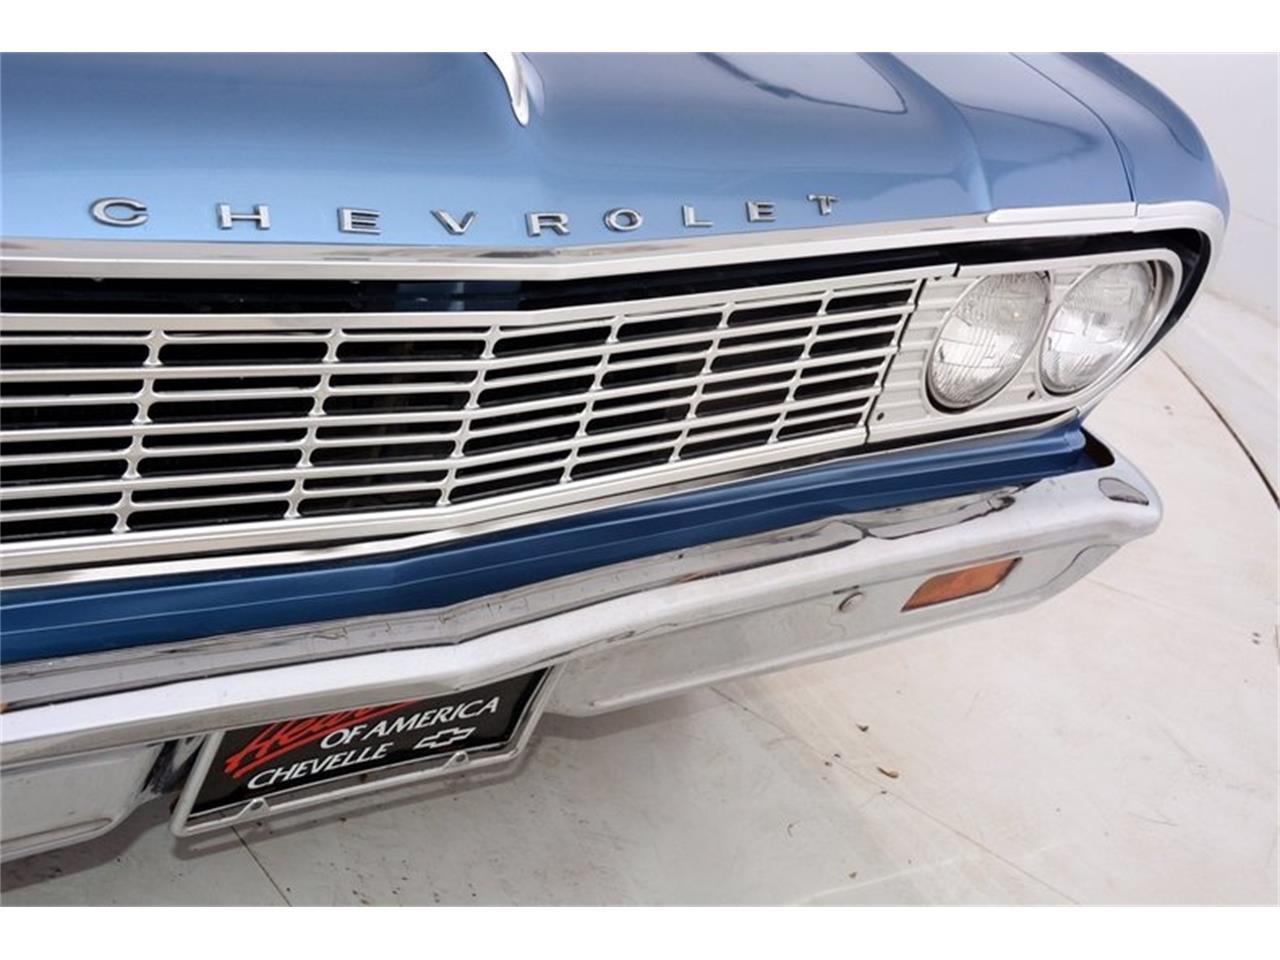 Large Picture of Classic '64 Chevrolet Chevelle Malibu located in Volo Illinois - L5M9